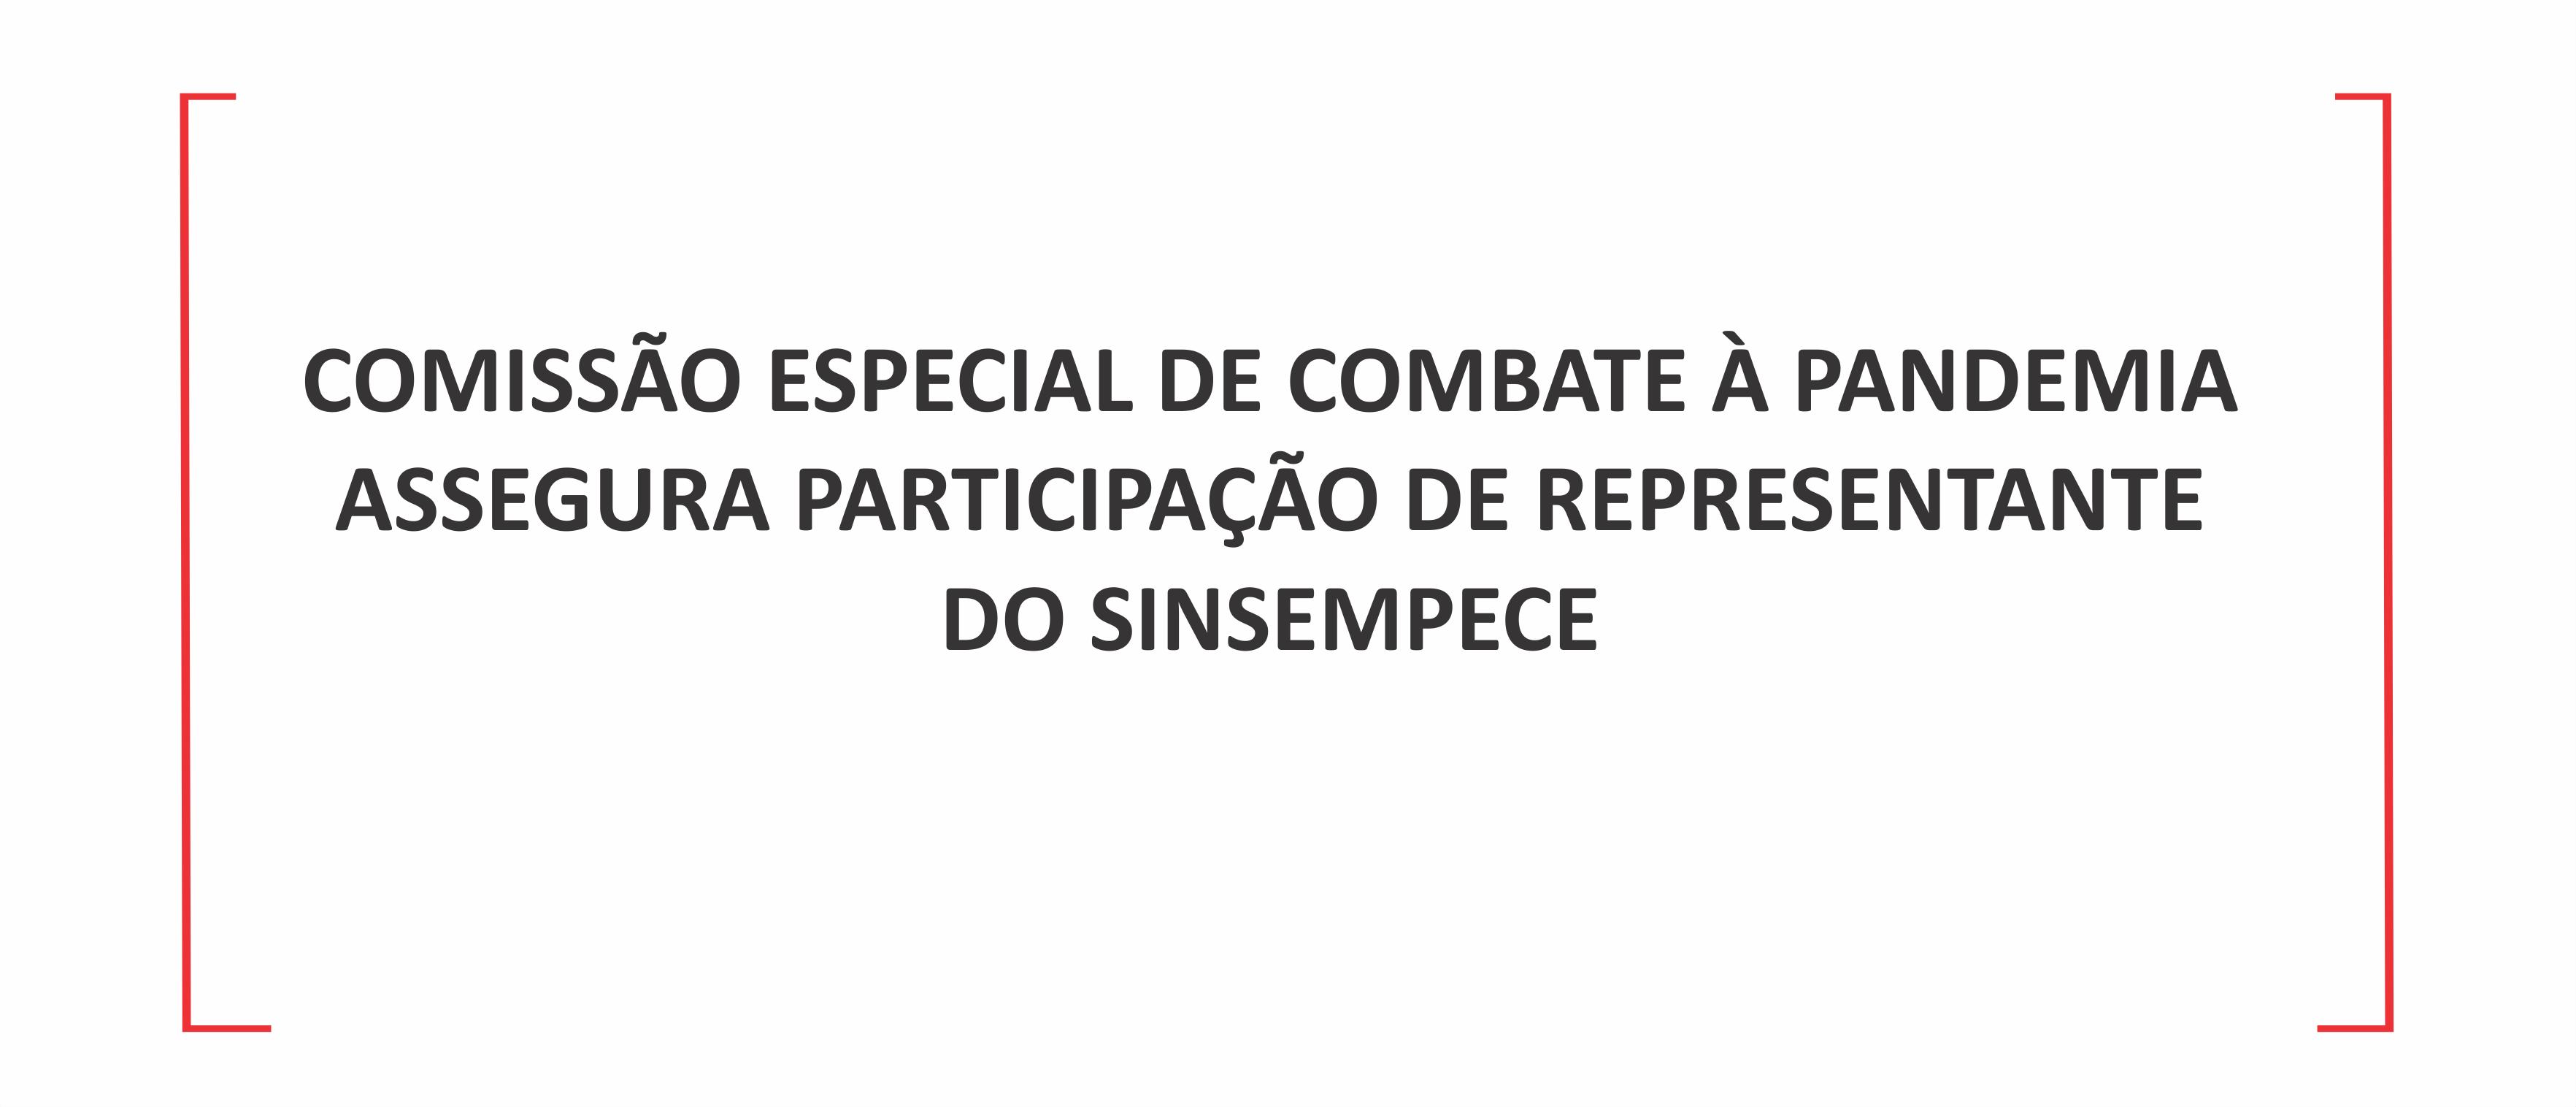 Comissão Especial de Combate à Pandemia assegura participação de representante do Sinsempece